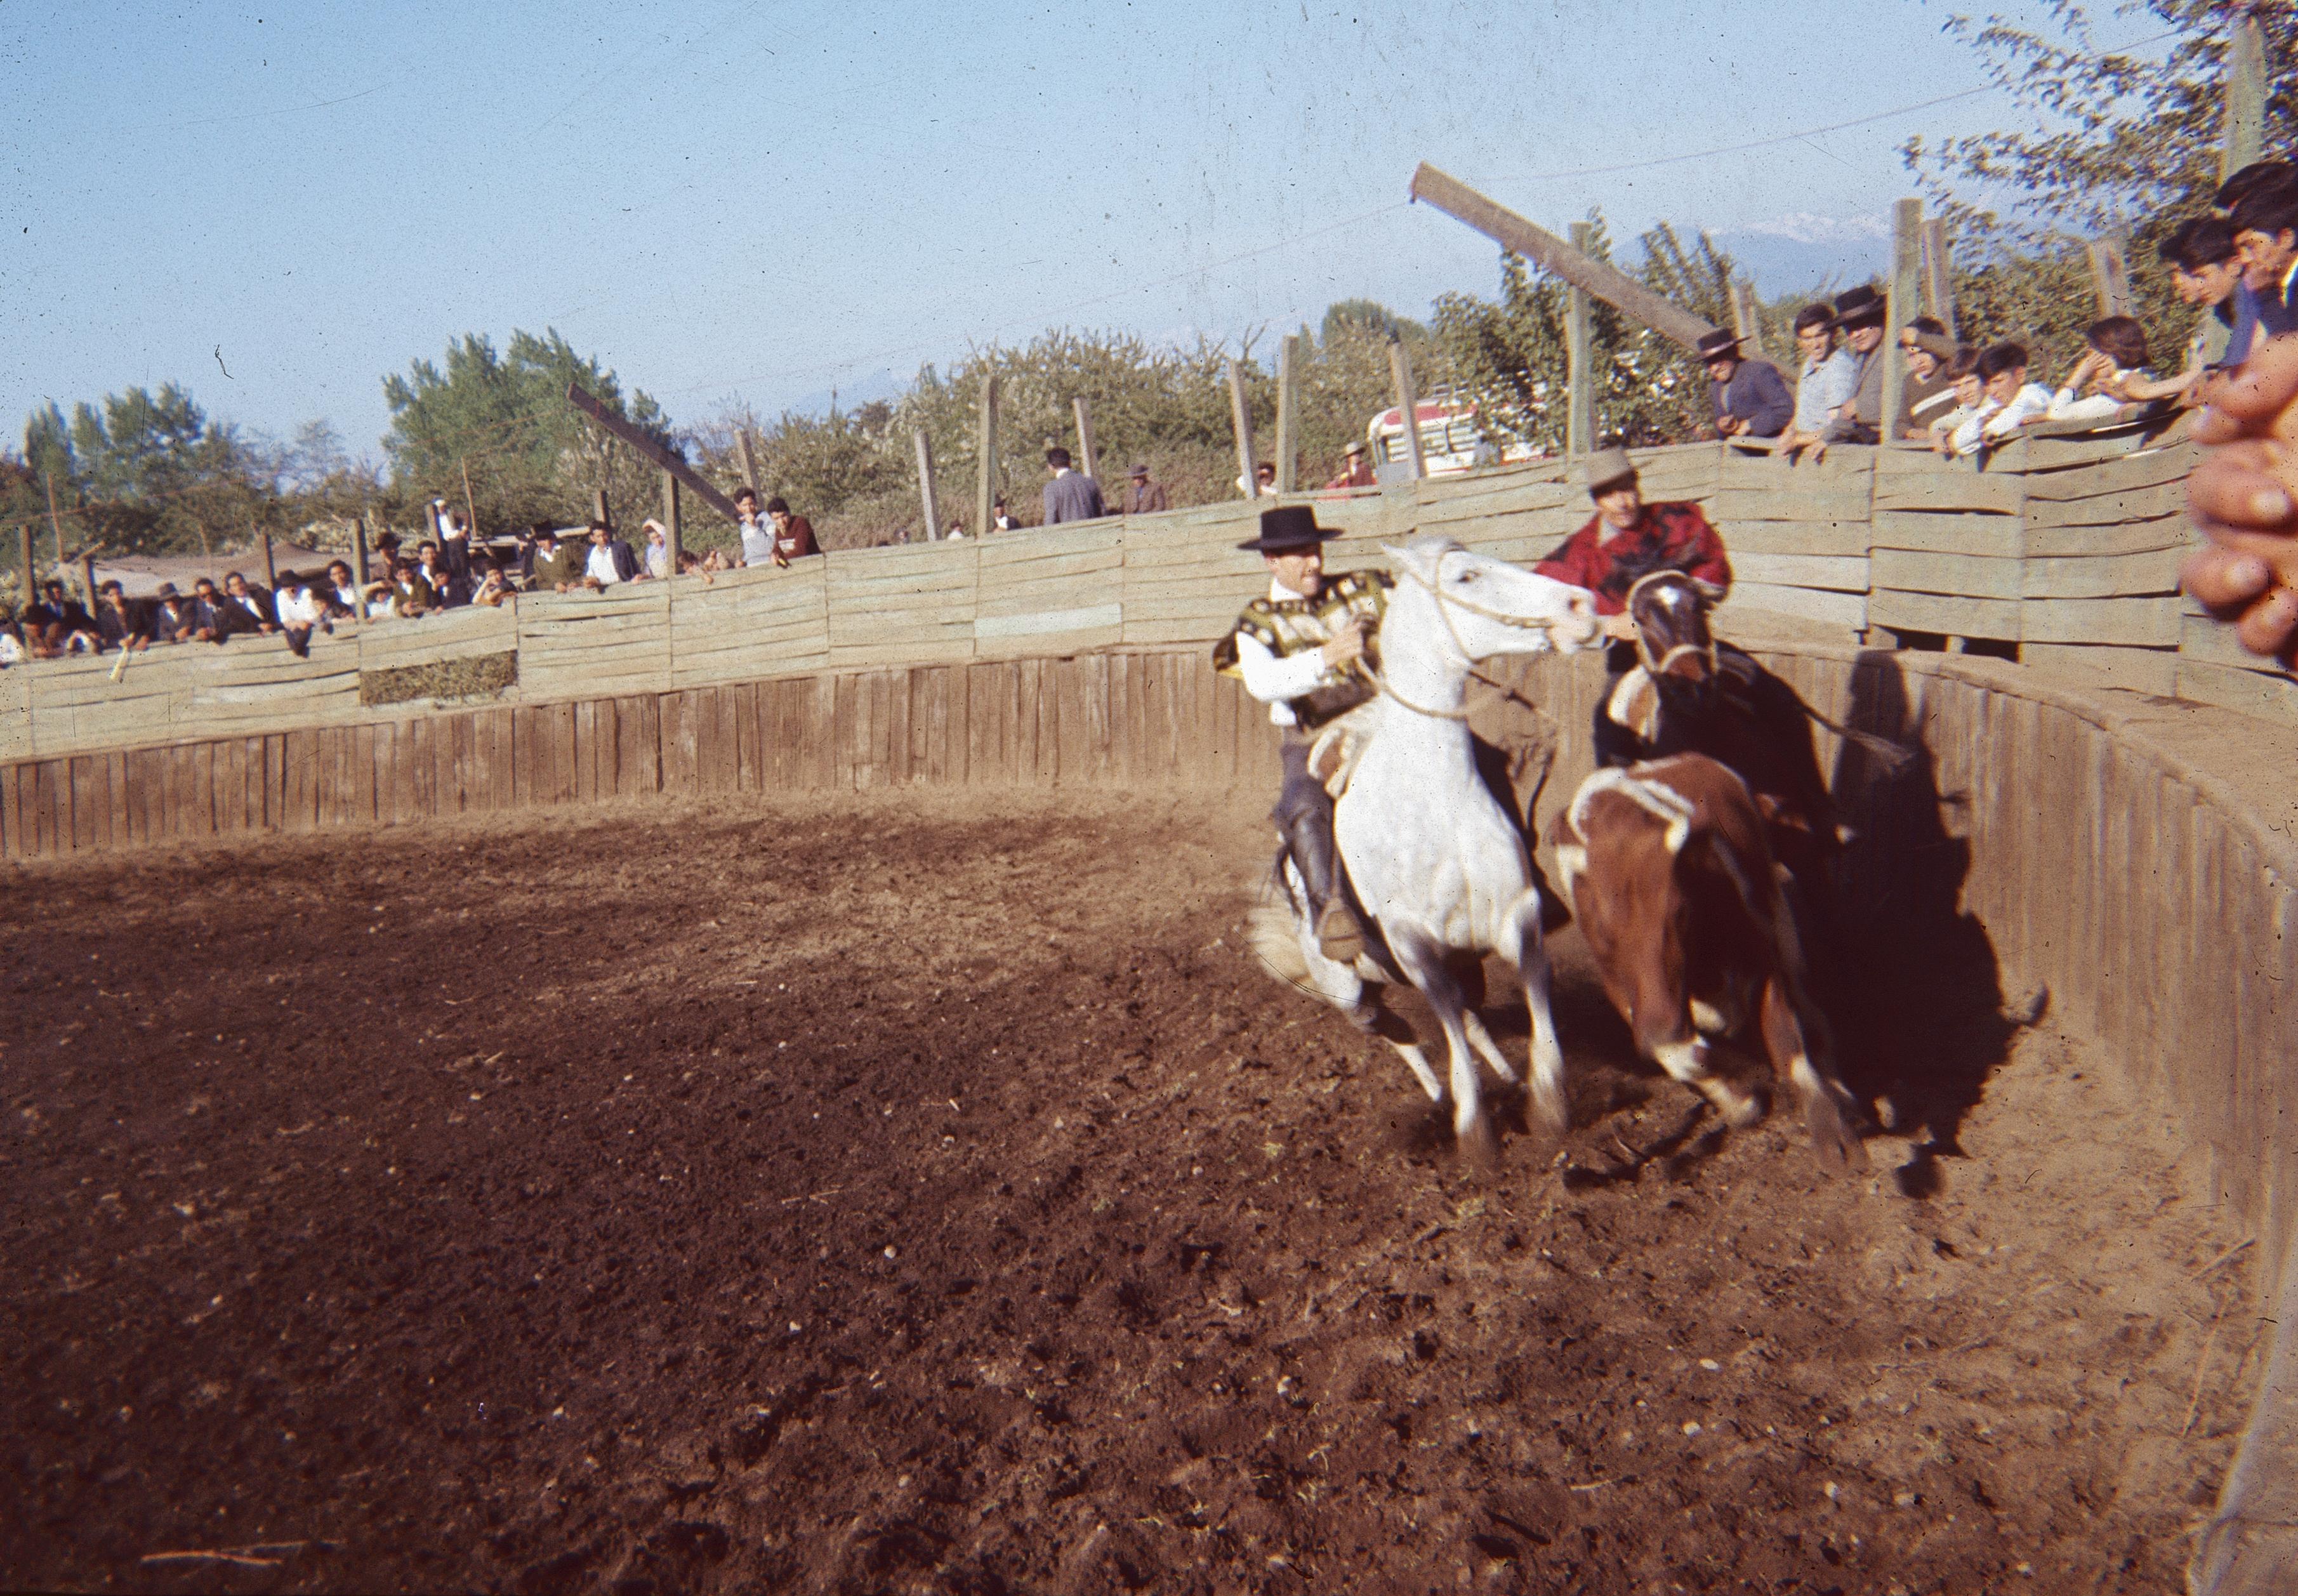 Enterreno - Fotos históricas de chile - fotos antiguas de Chile - Rodeo en Curicó en los años 60